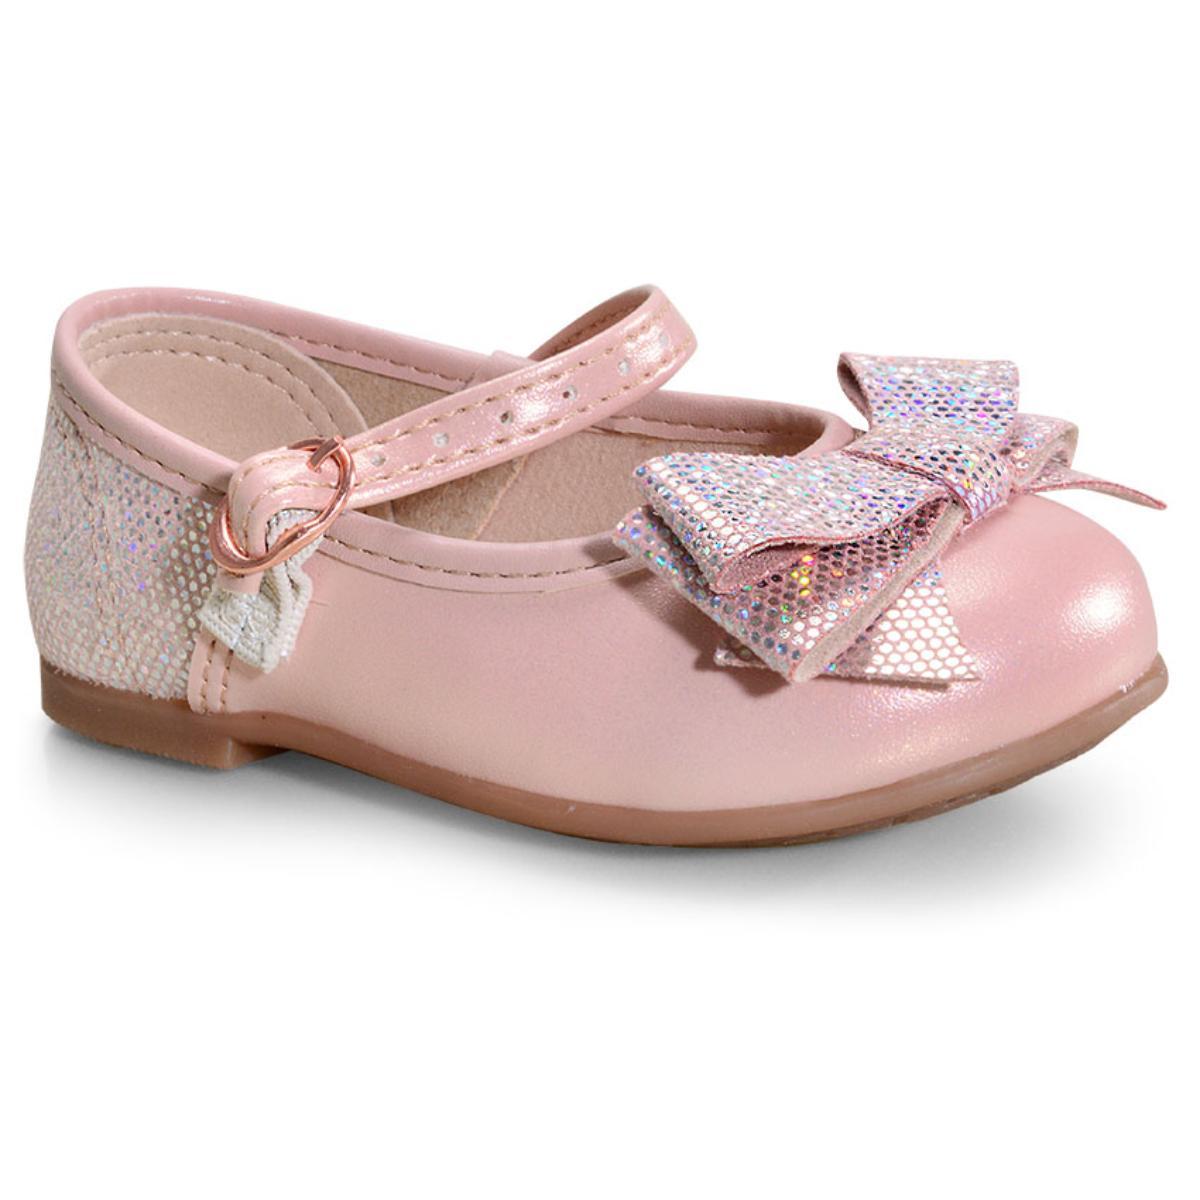 Sapatilha Fem Infantil Molekinha 2106176 Perola/rosa